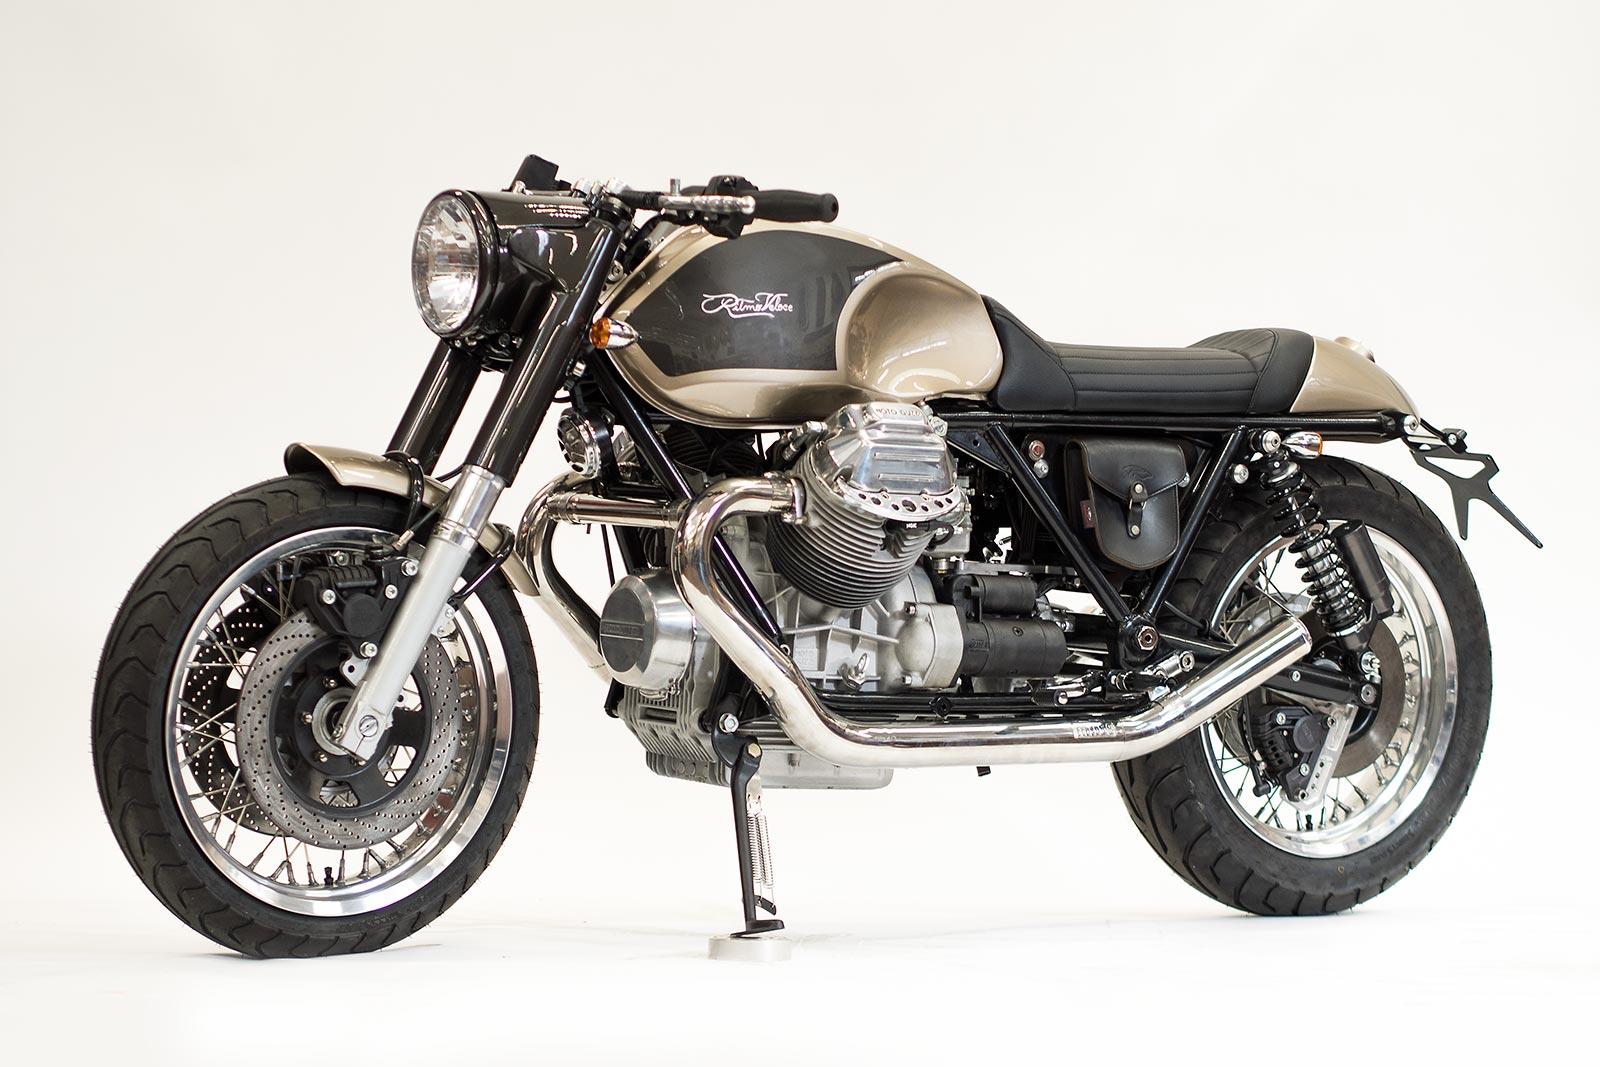 Moto Guzzi Ritmo Veloce by Officine Rossopuro (7)